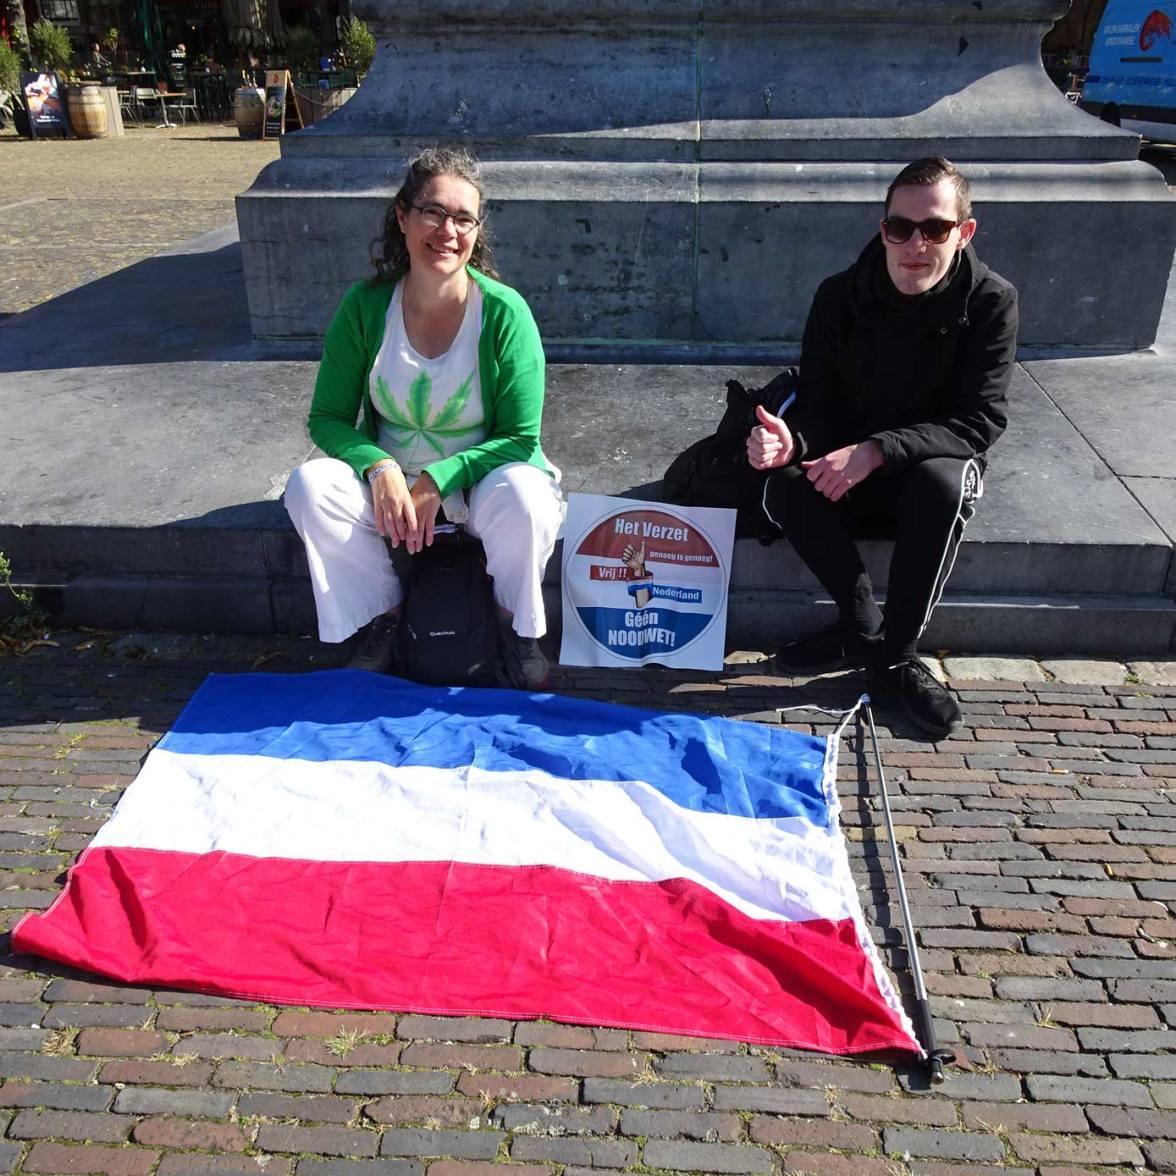 Freedom-Den-Haag-180920-sit-down